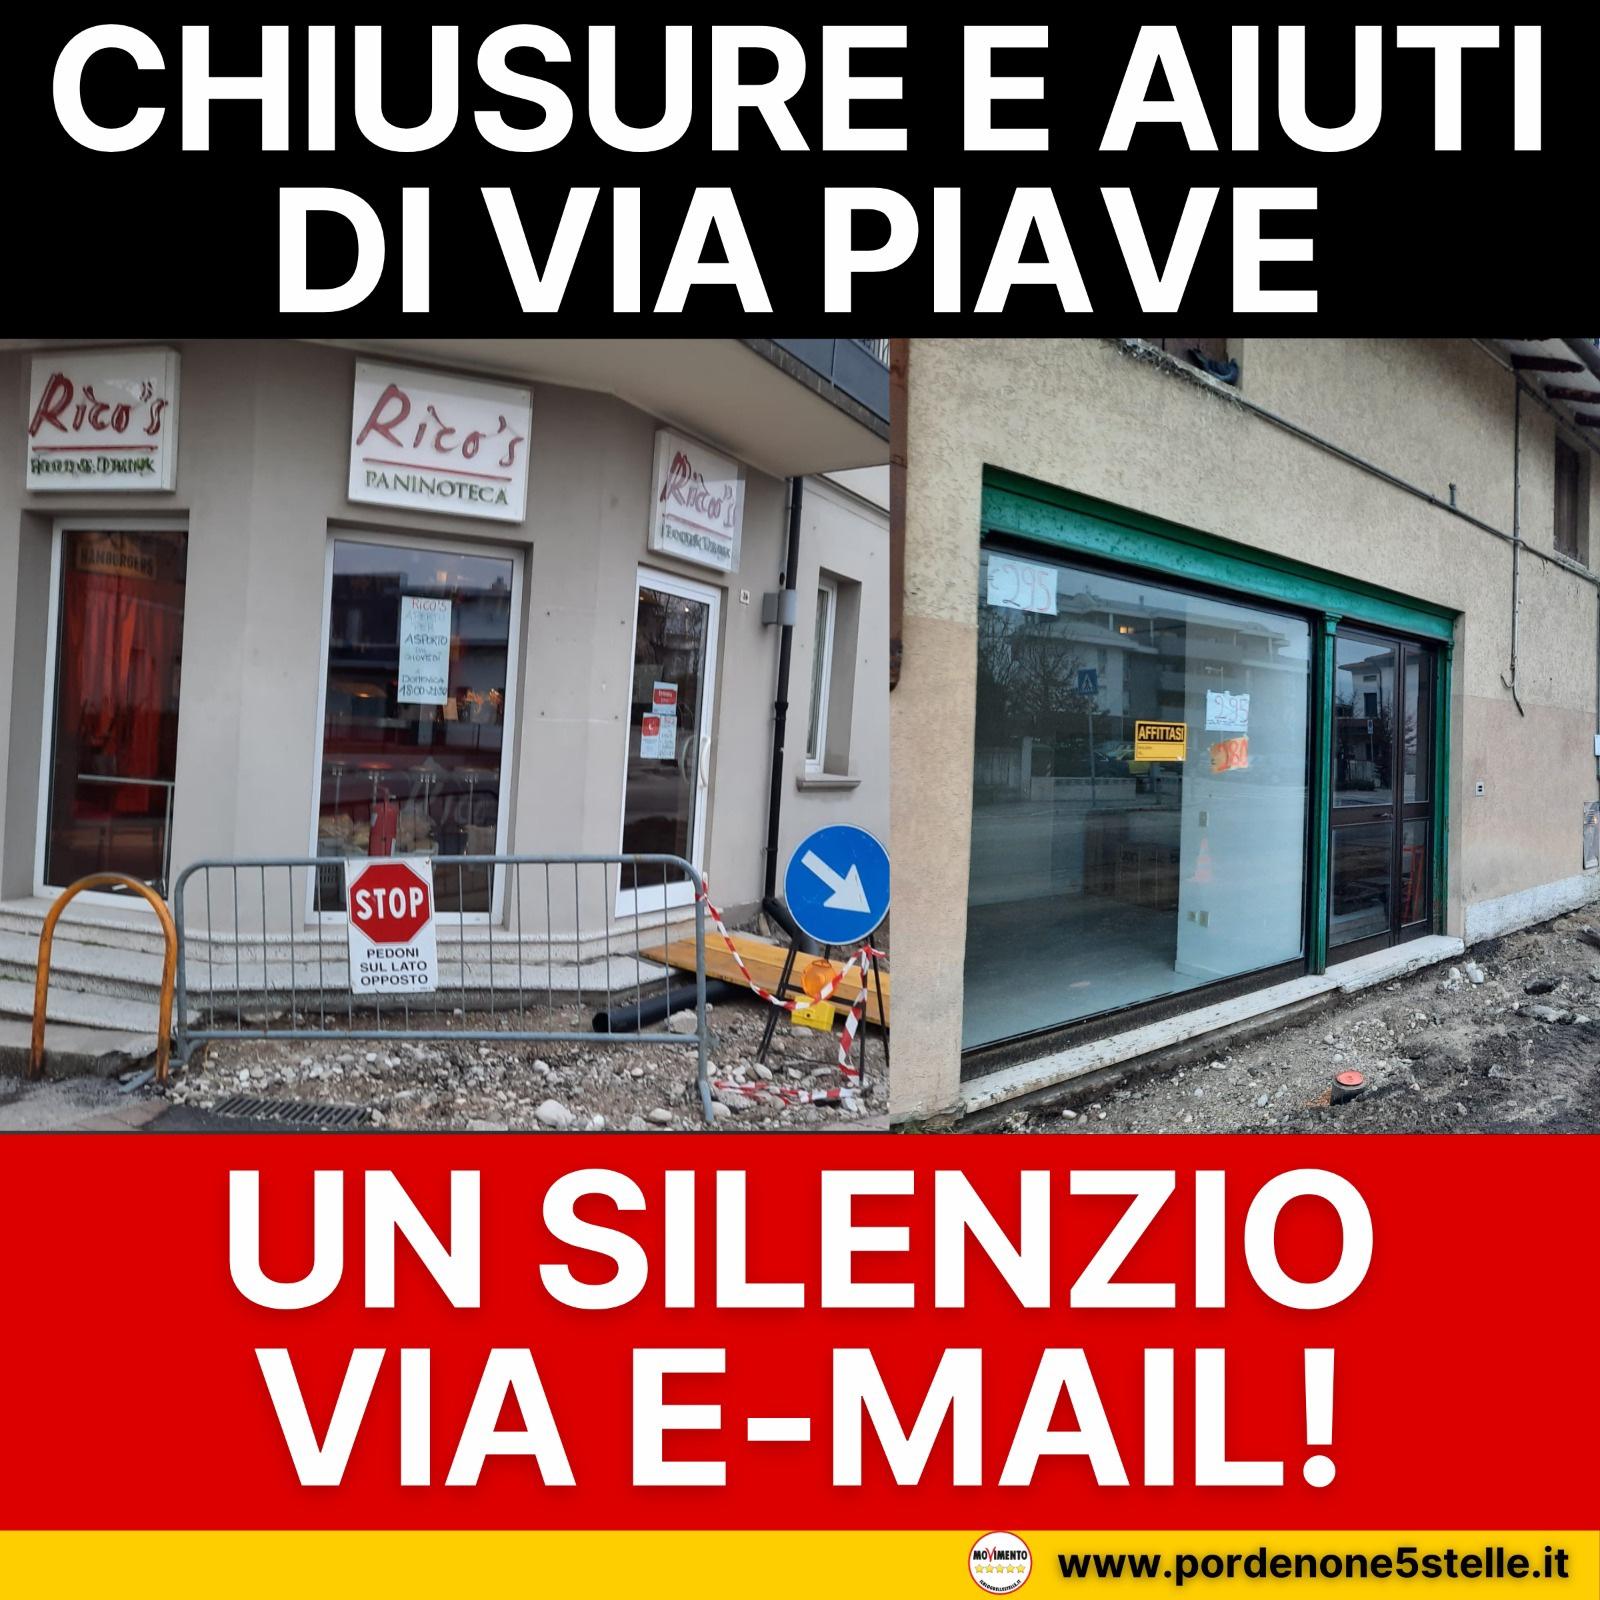 Read more about the article CHIUSURE E AIUTI DI VIA PIAVE: UN SILENZIO VIA MAIL!